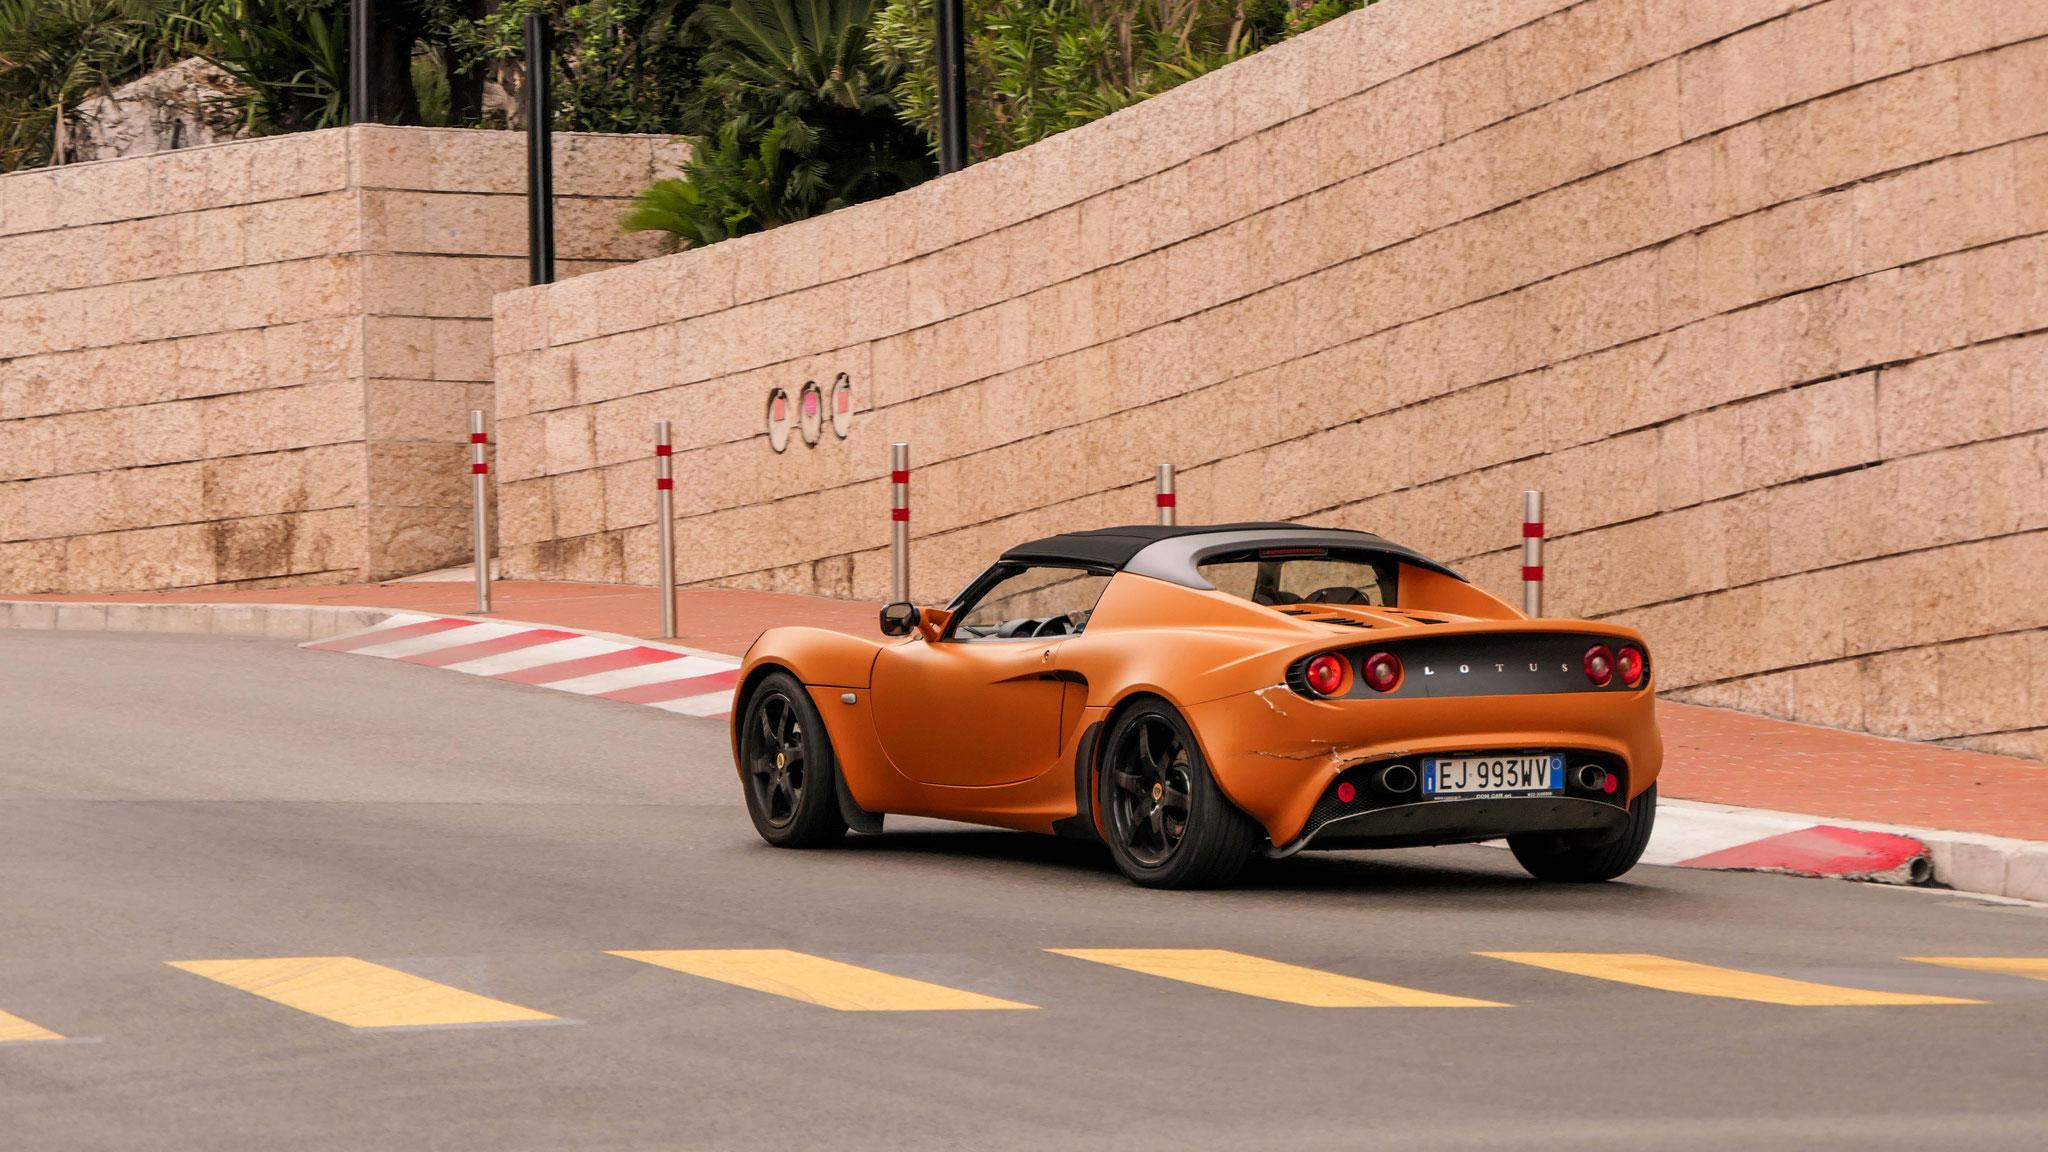 Lotus Elise S2 - EJ-993-WV (ITA)